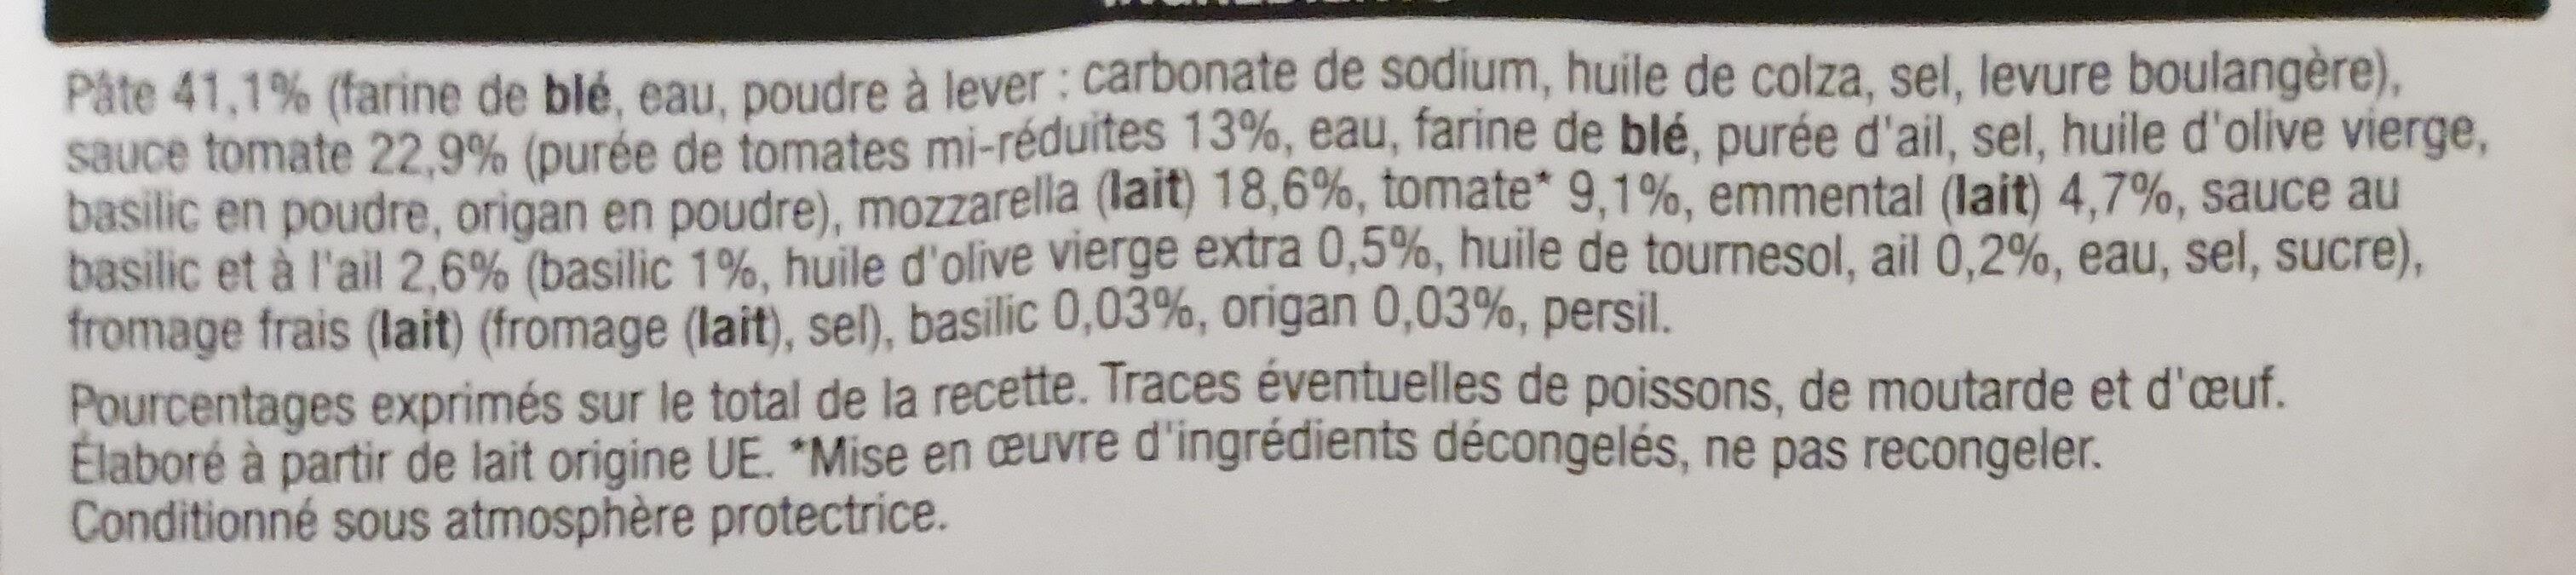 Marguerita pizza - Ingredients - en